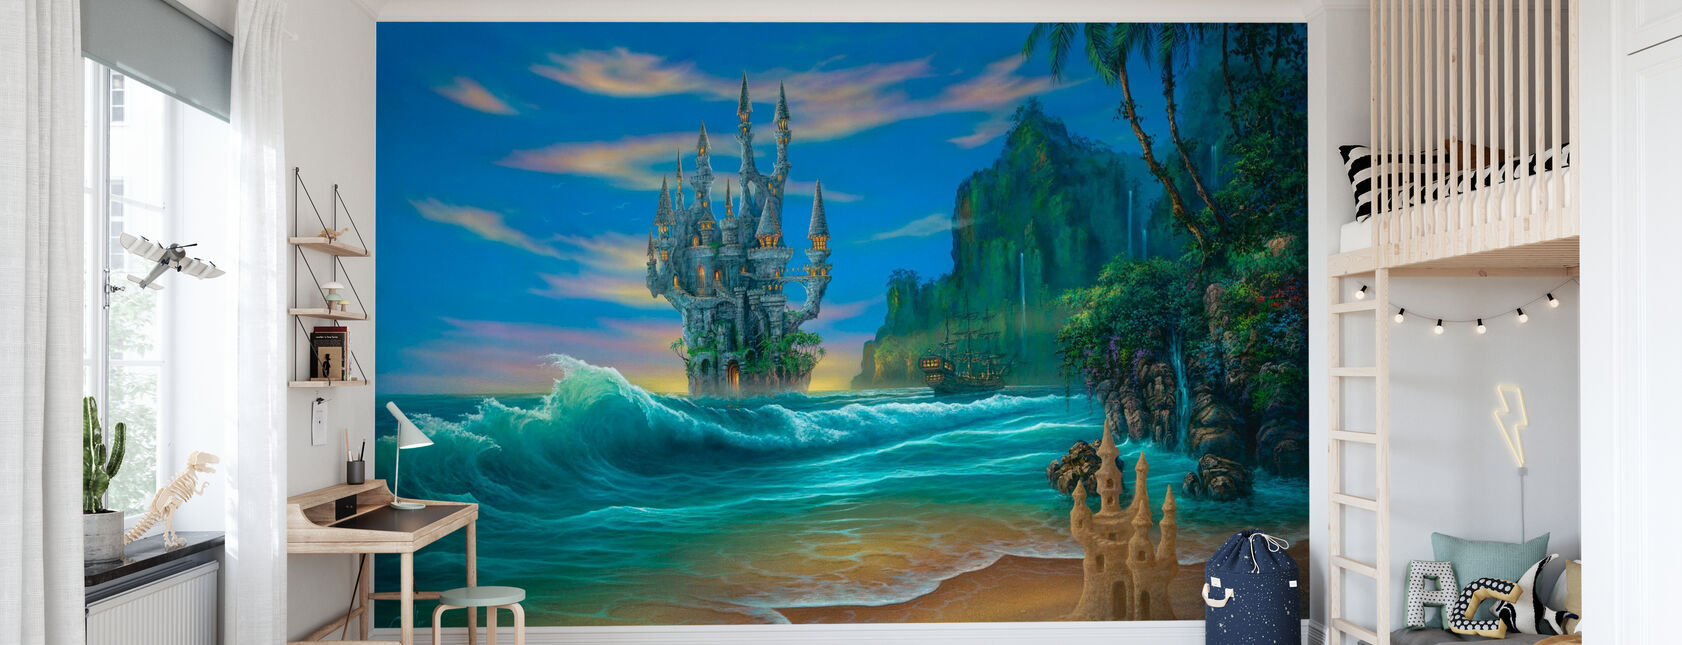 Fantasy Beach - Tapet - Børneværelse